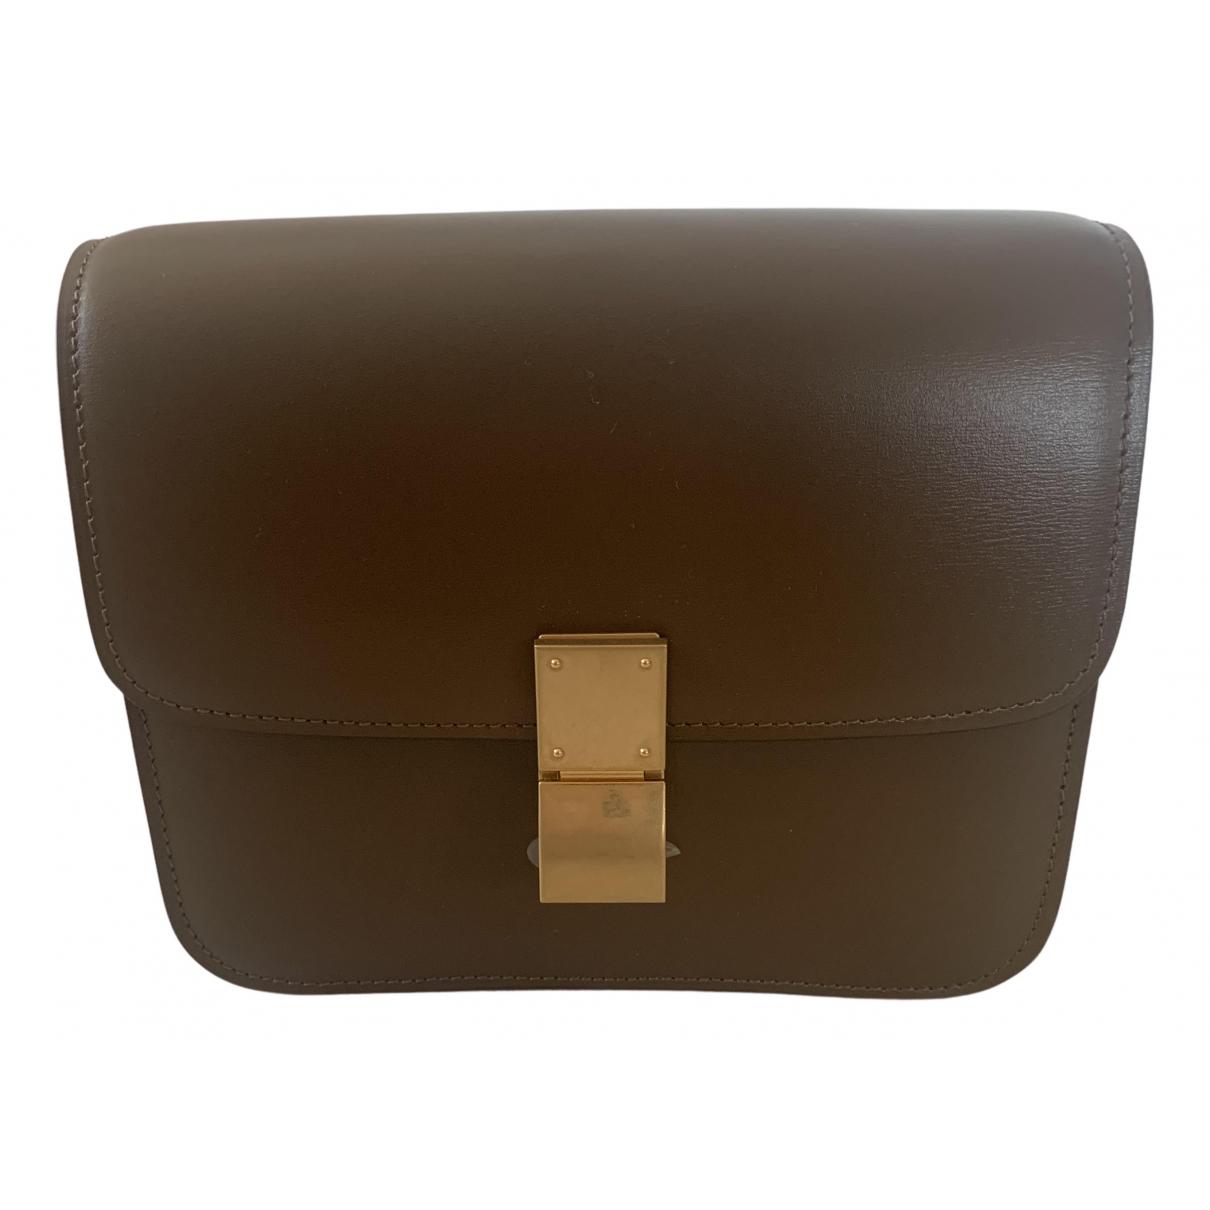 Celine Classic Camel Leather handbag for Women N